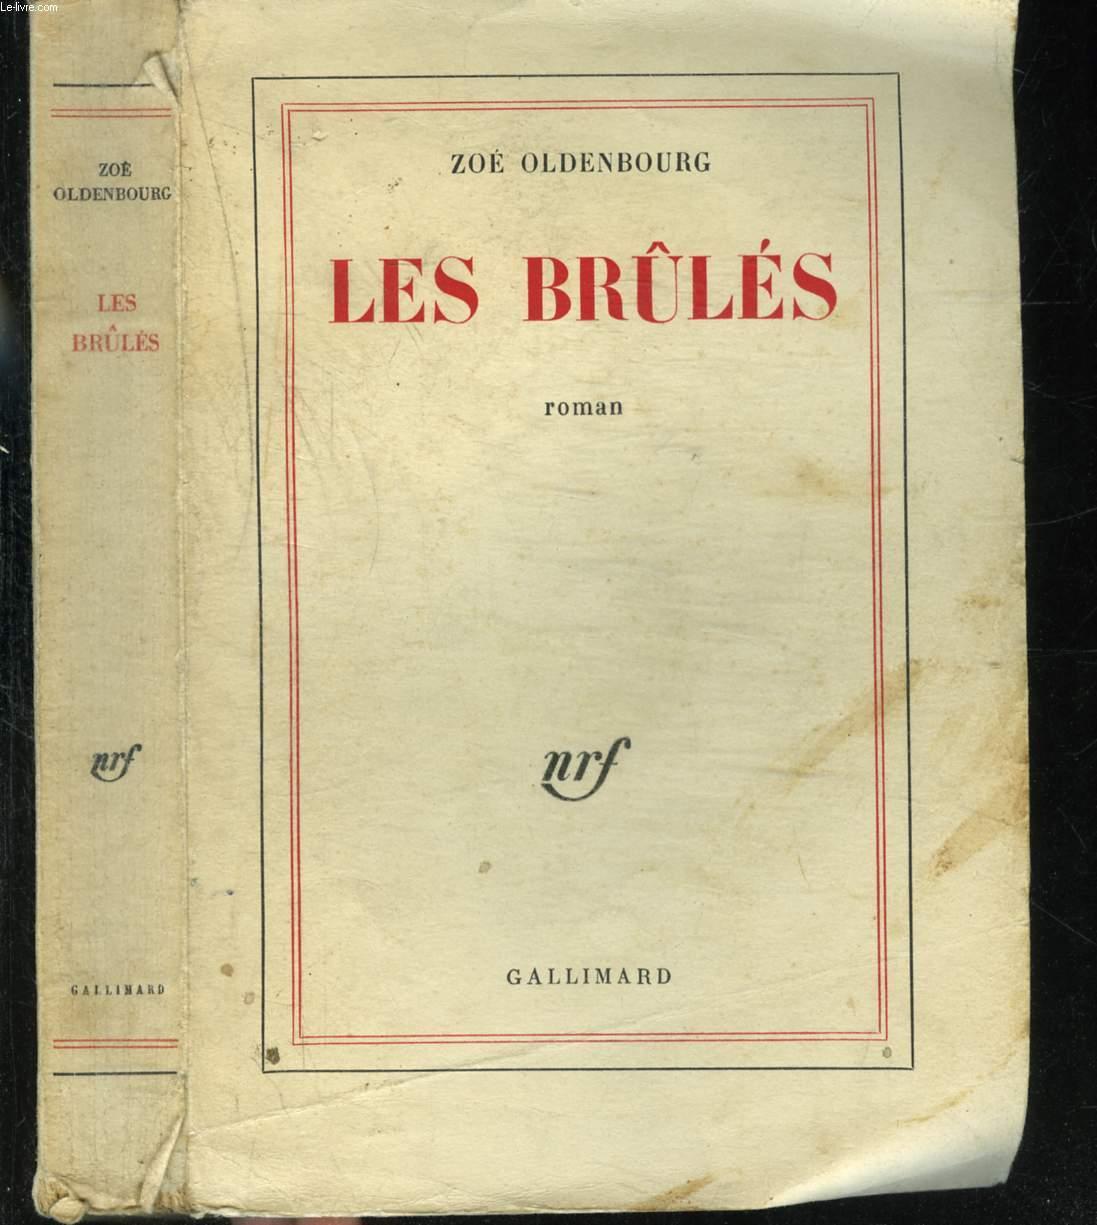 LES BRULES